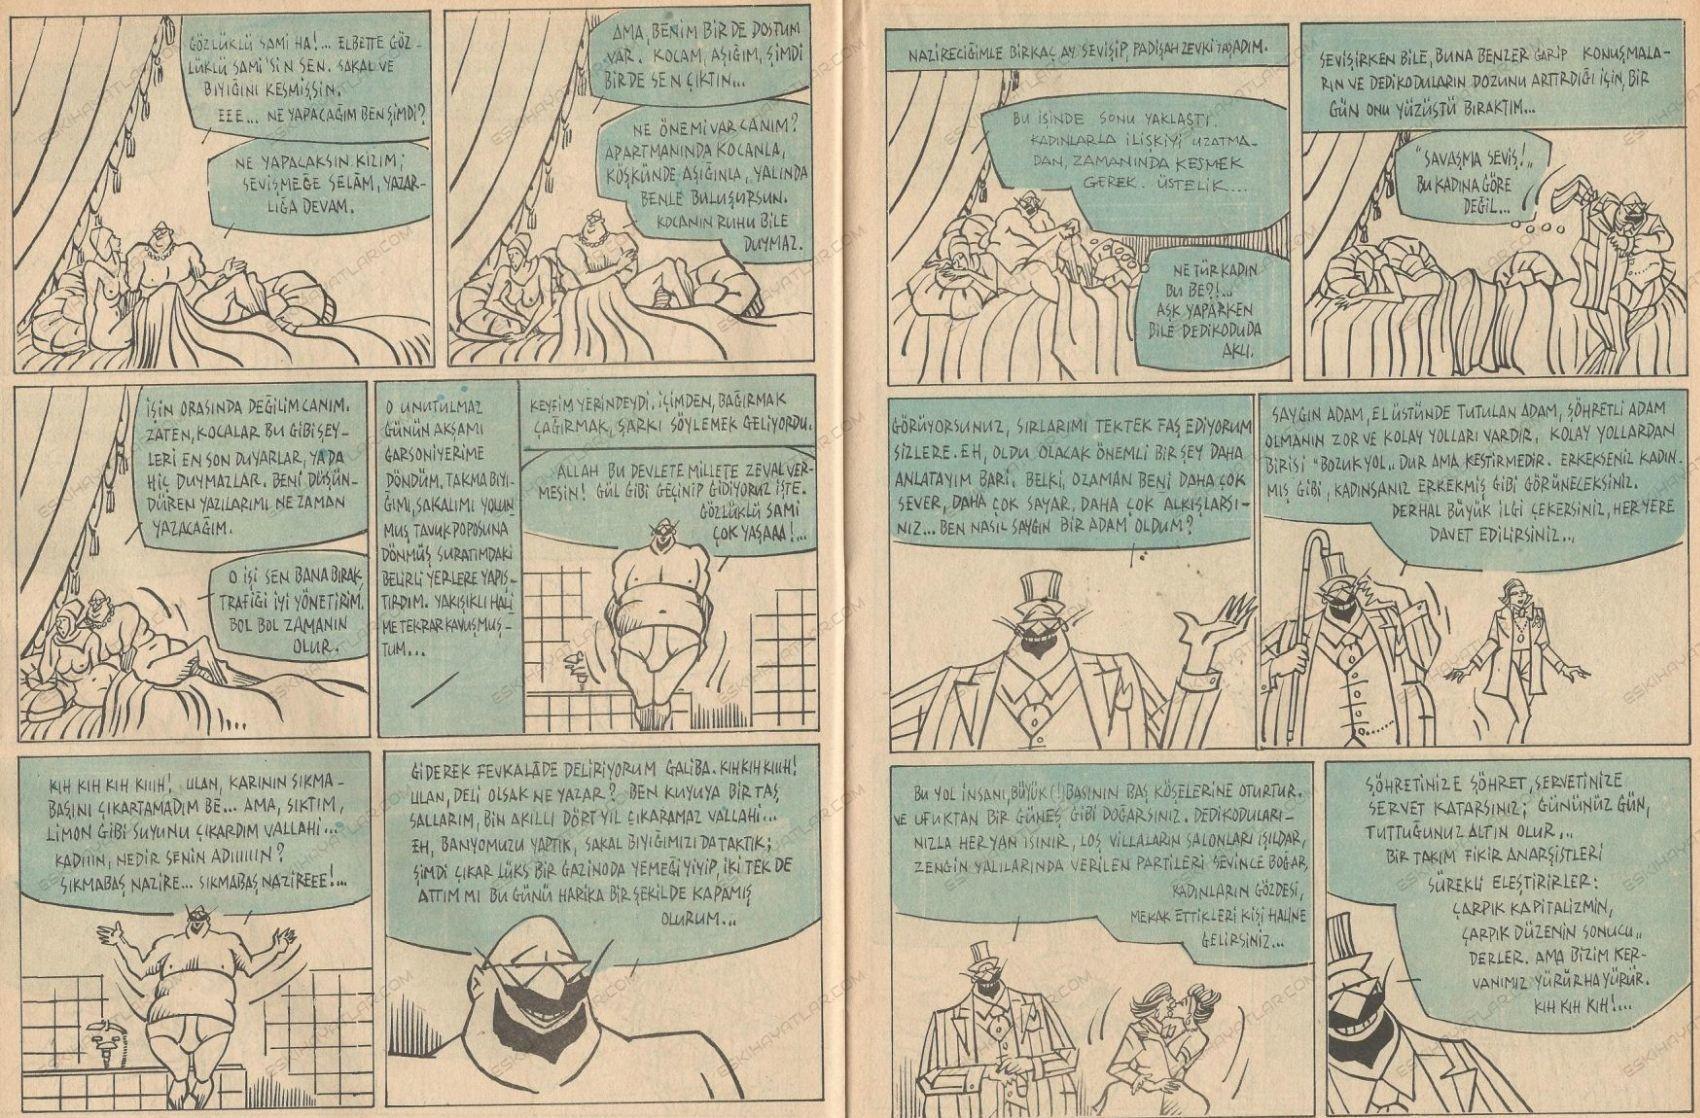 0177-abdulcanbaz-kadin-nedir-senin-adin-turhan-selcuk-milliyet-yayinlari (12)